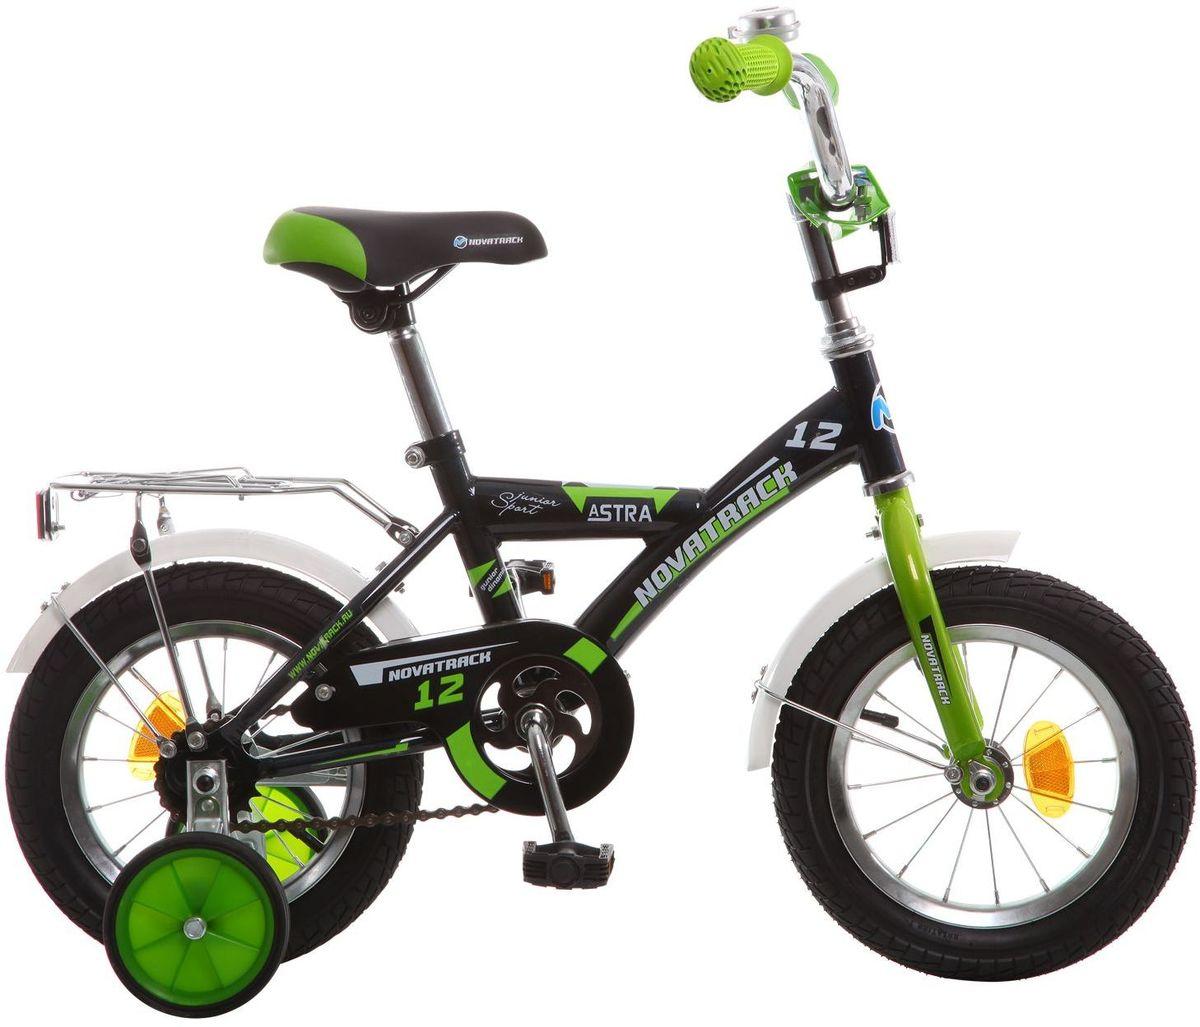 Велосипед детский Novatrack  Astra , цвет: черный, зеленый, 12  -  Детские велосипеды